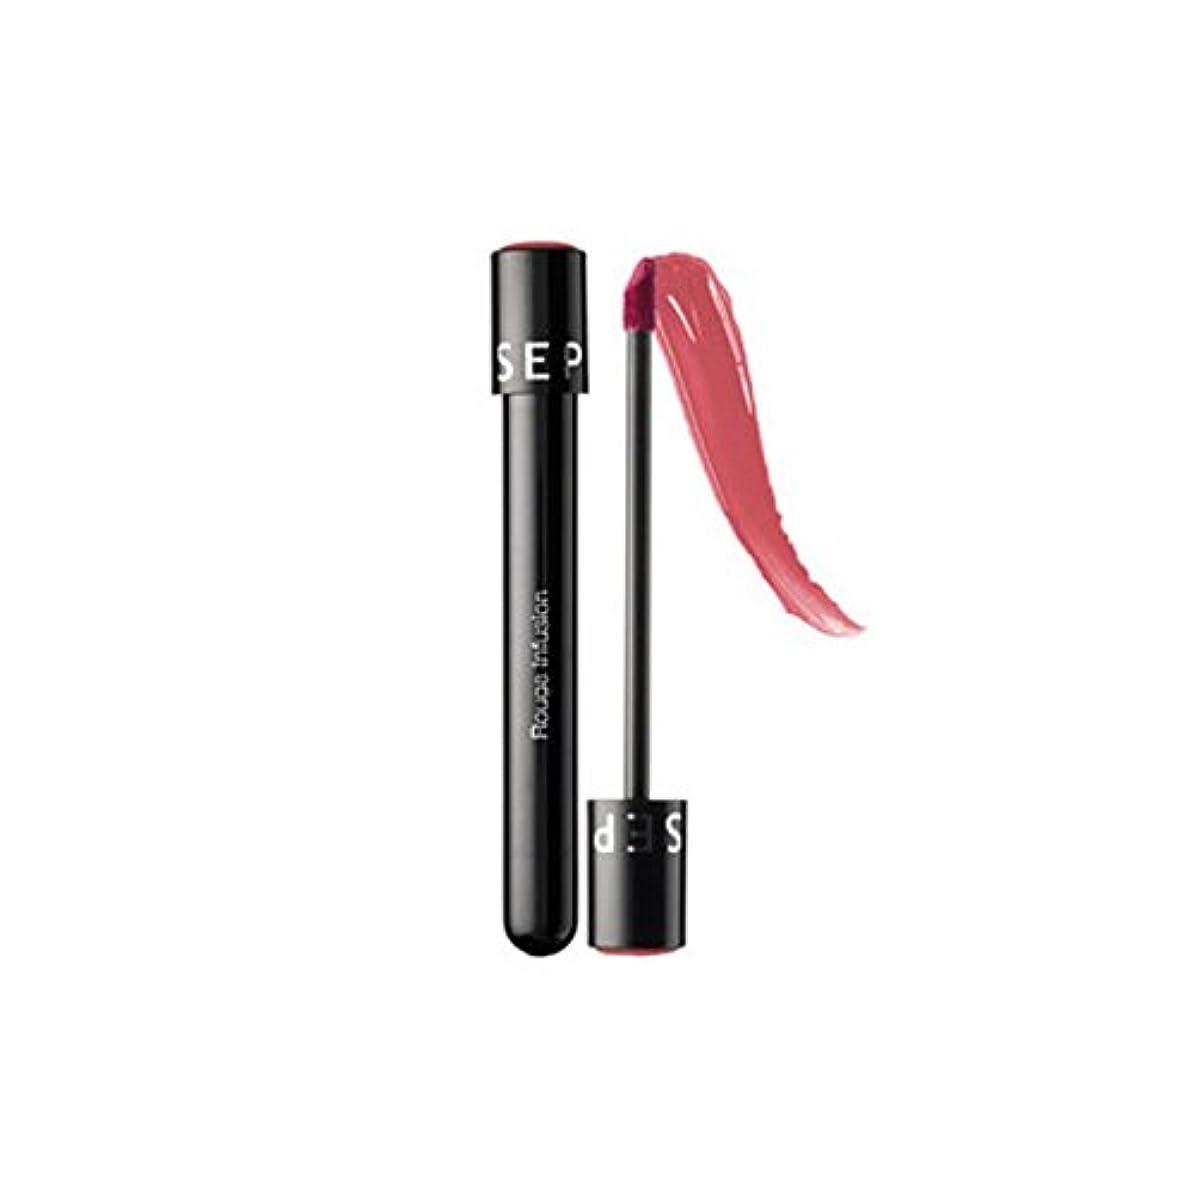 旋回制限ヘクタールSEPHORA COLLECTION ルージュリップステイン輸液- Peony, Rouge Infusion Lip Stain, 0.152 oz / 4.3g [並行輸入品] [海外直送品]